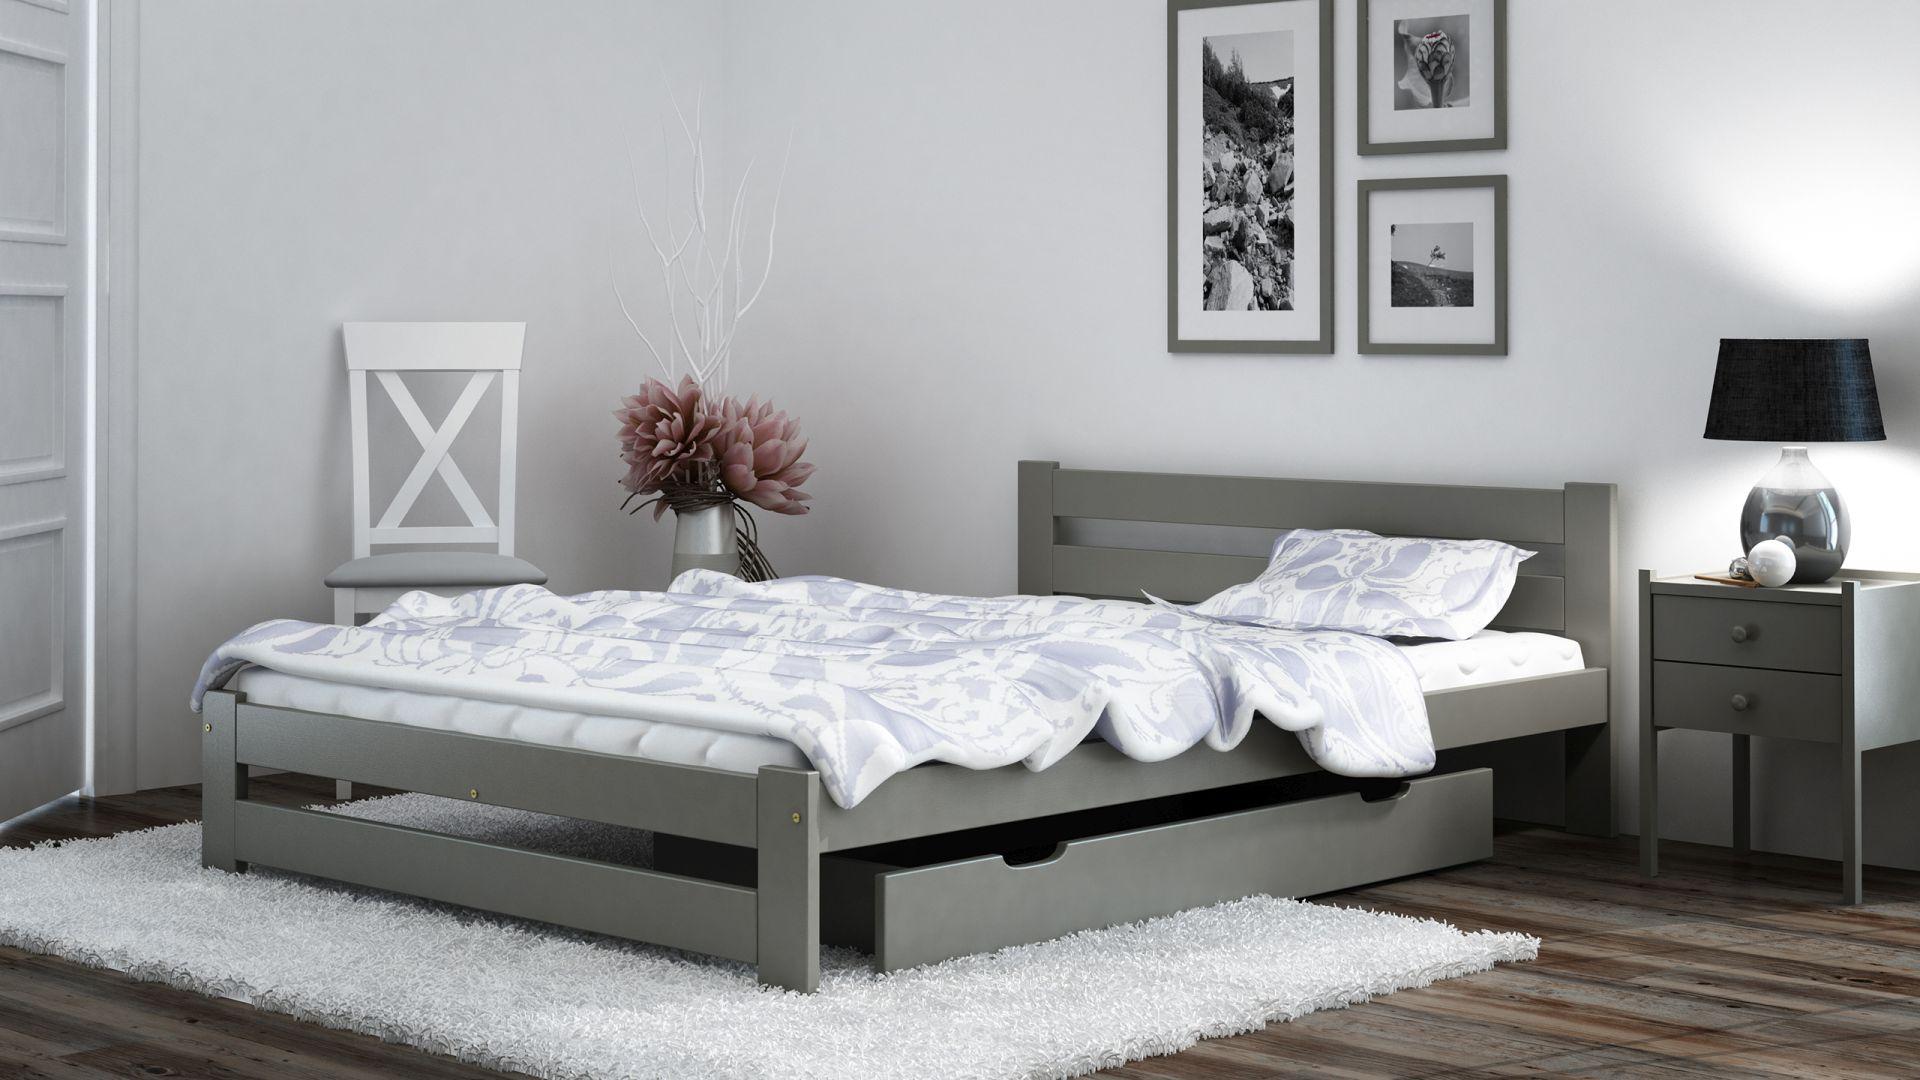 szare łózko w minimalistycznej sypialni